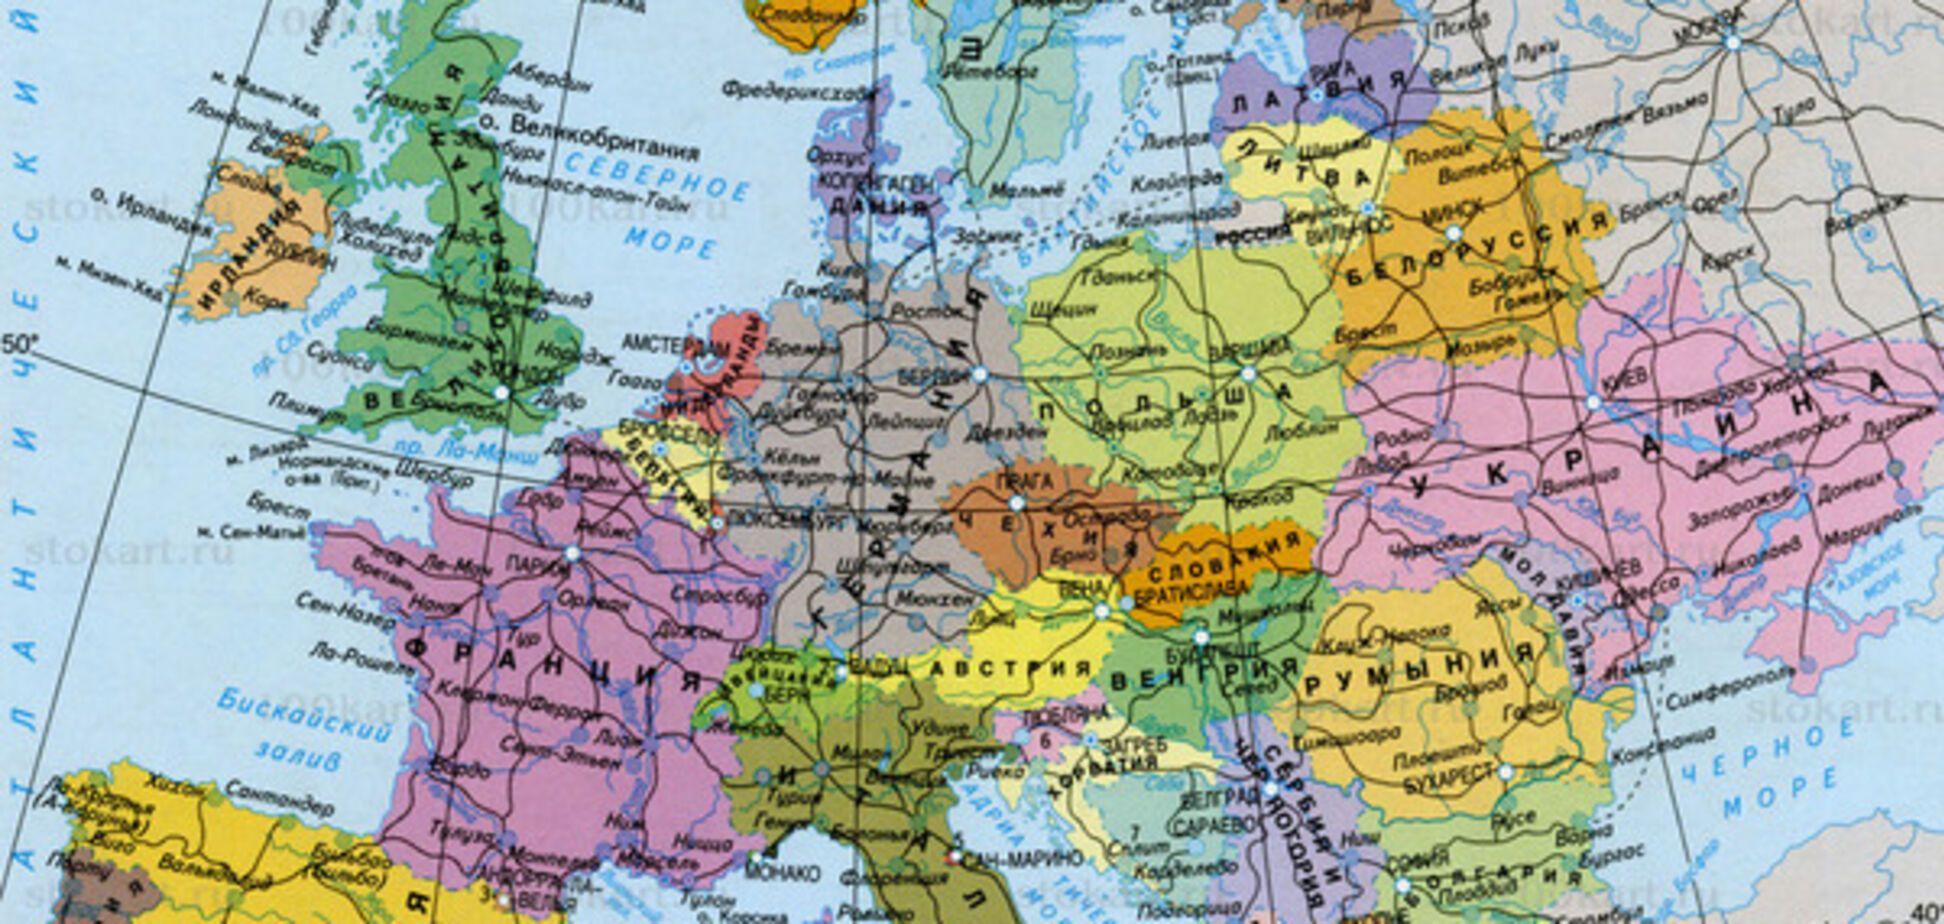 Прекратите заглядывать в рот США и Европы